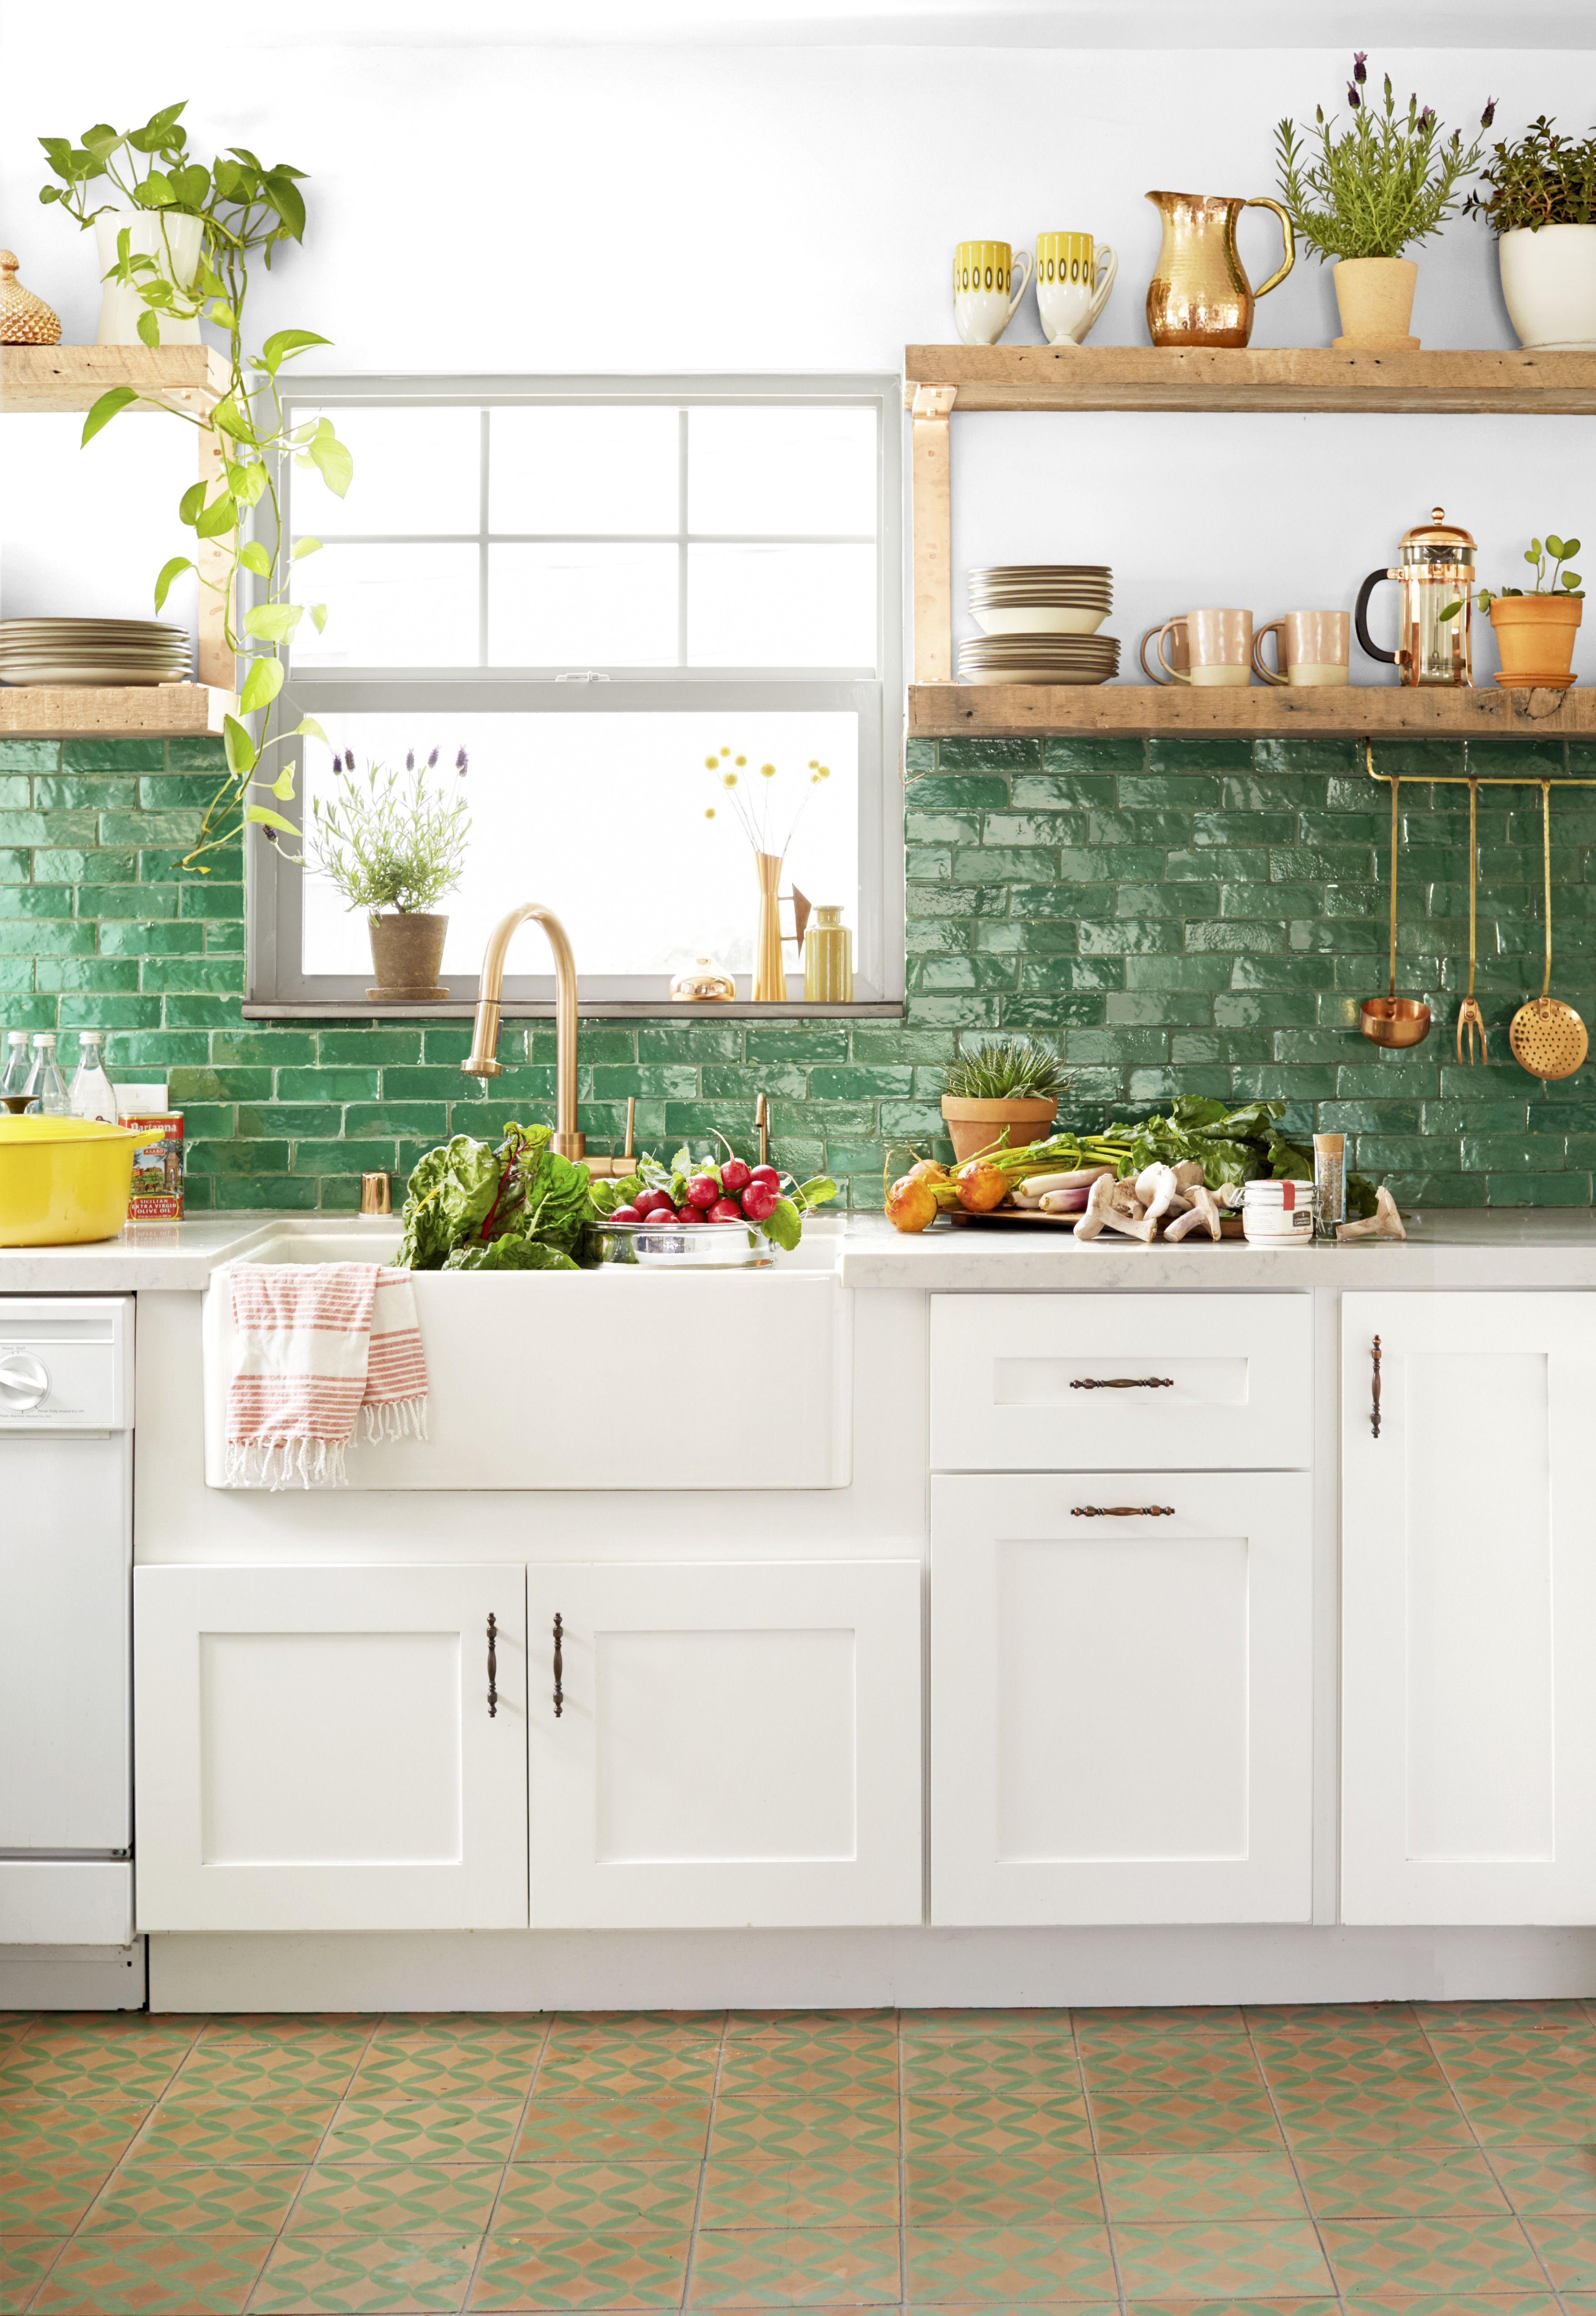 12 Best Open Shelving Kitchen Ideas - Open Shelving Kitchen Photos